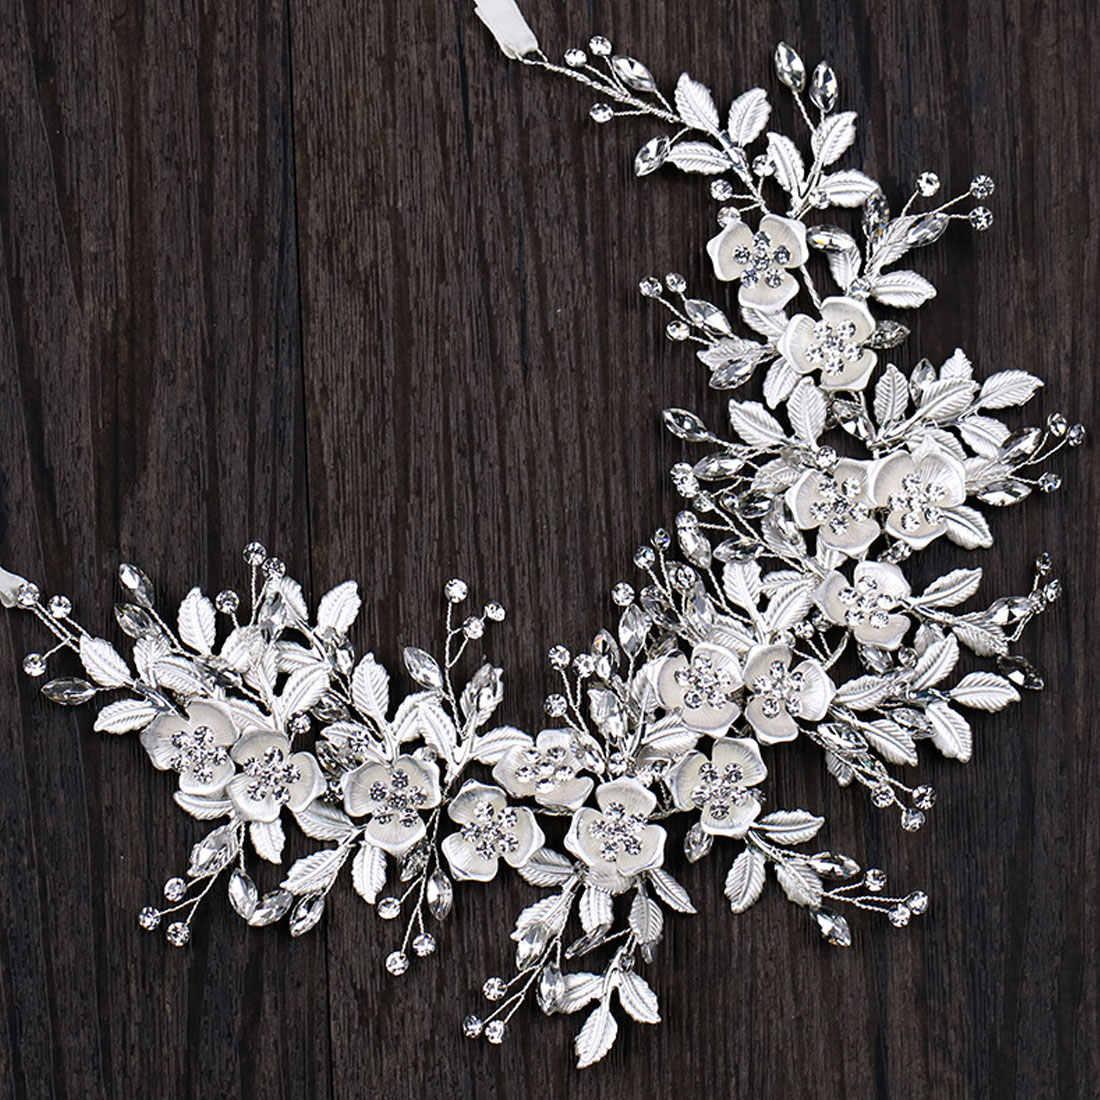 Diadema hecha a mano joyería para el pelo de la novia 1 piezas de plata Floral nupcial Tiara accesorios para el cabello de la boda